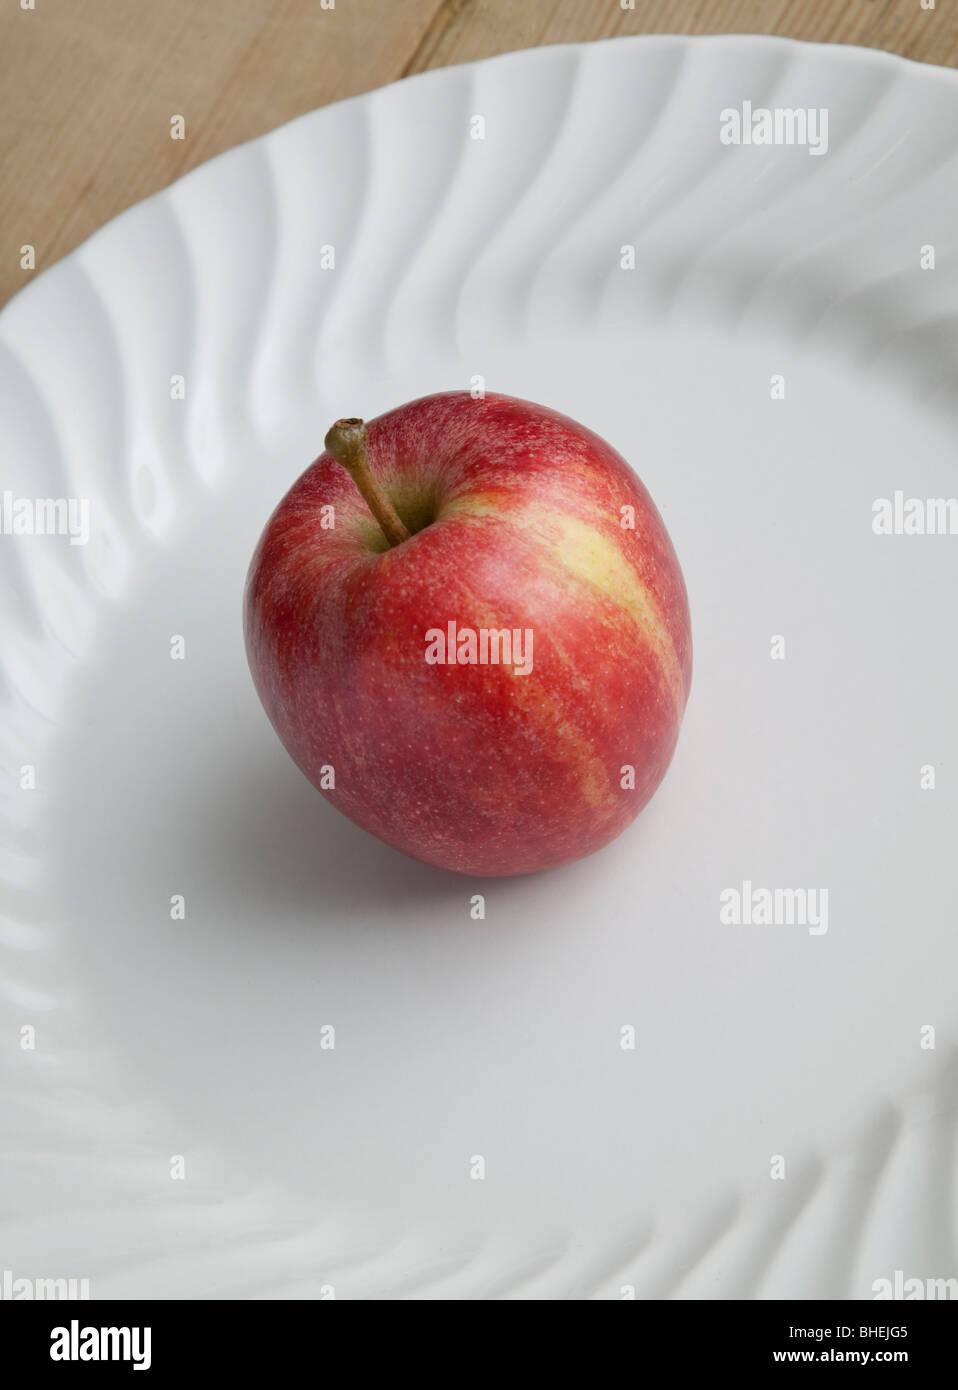 Mangiare rosso Apple su piastra bianca sul tavolo di legno Immagini Stock